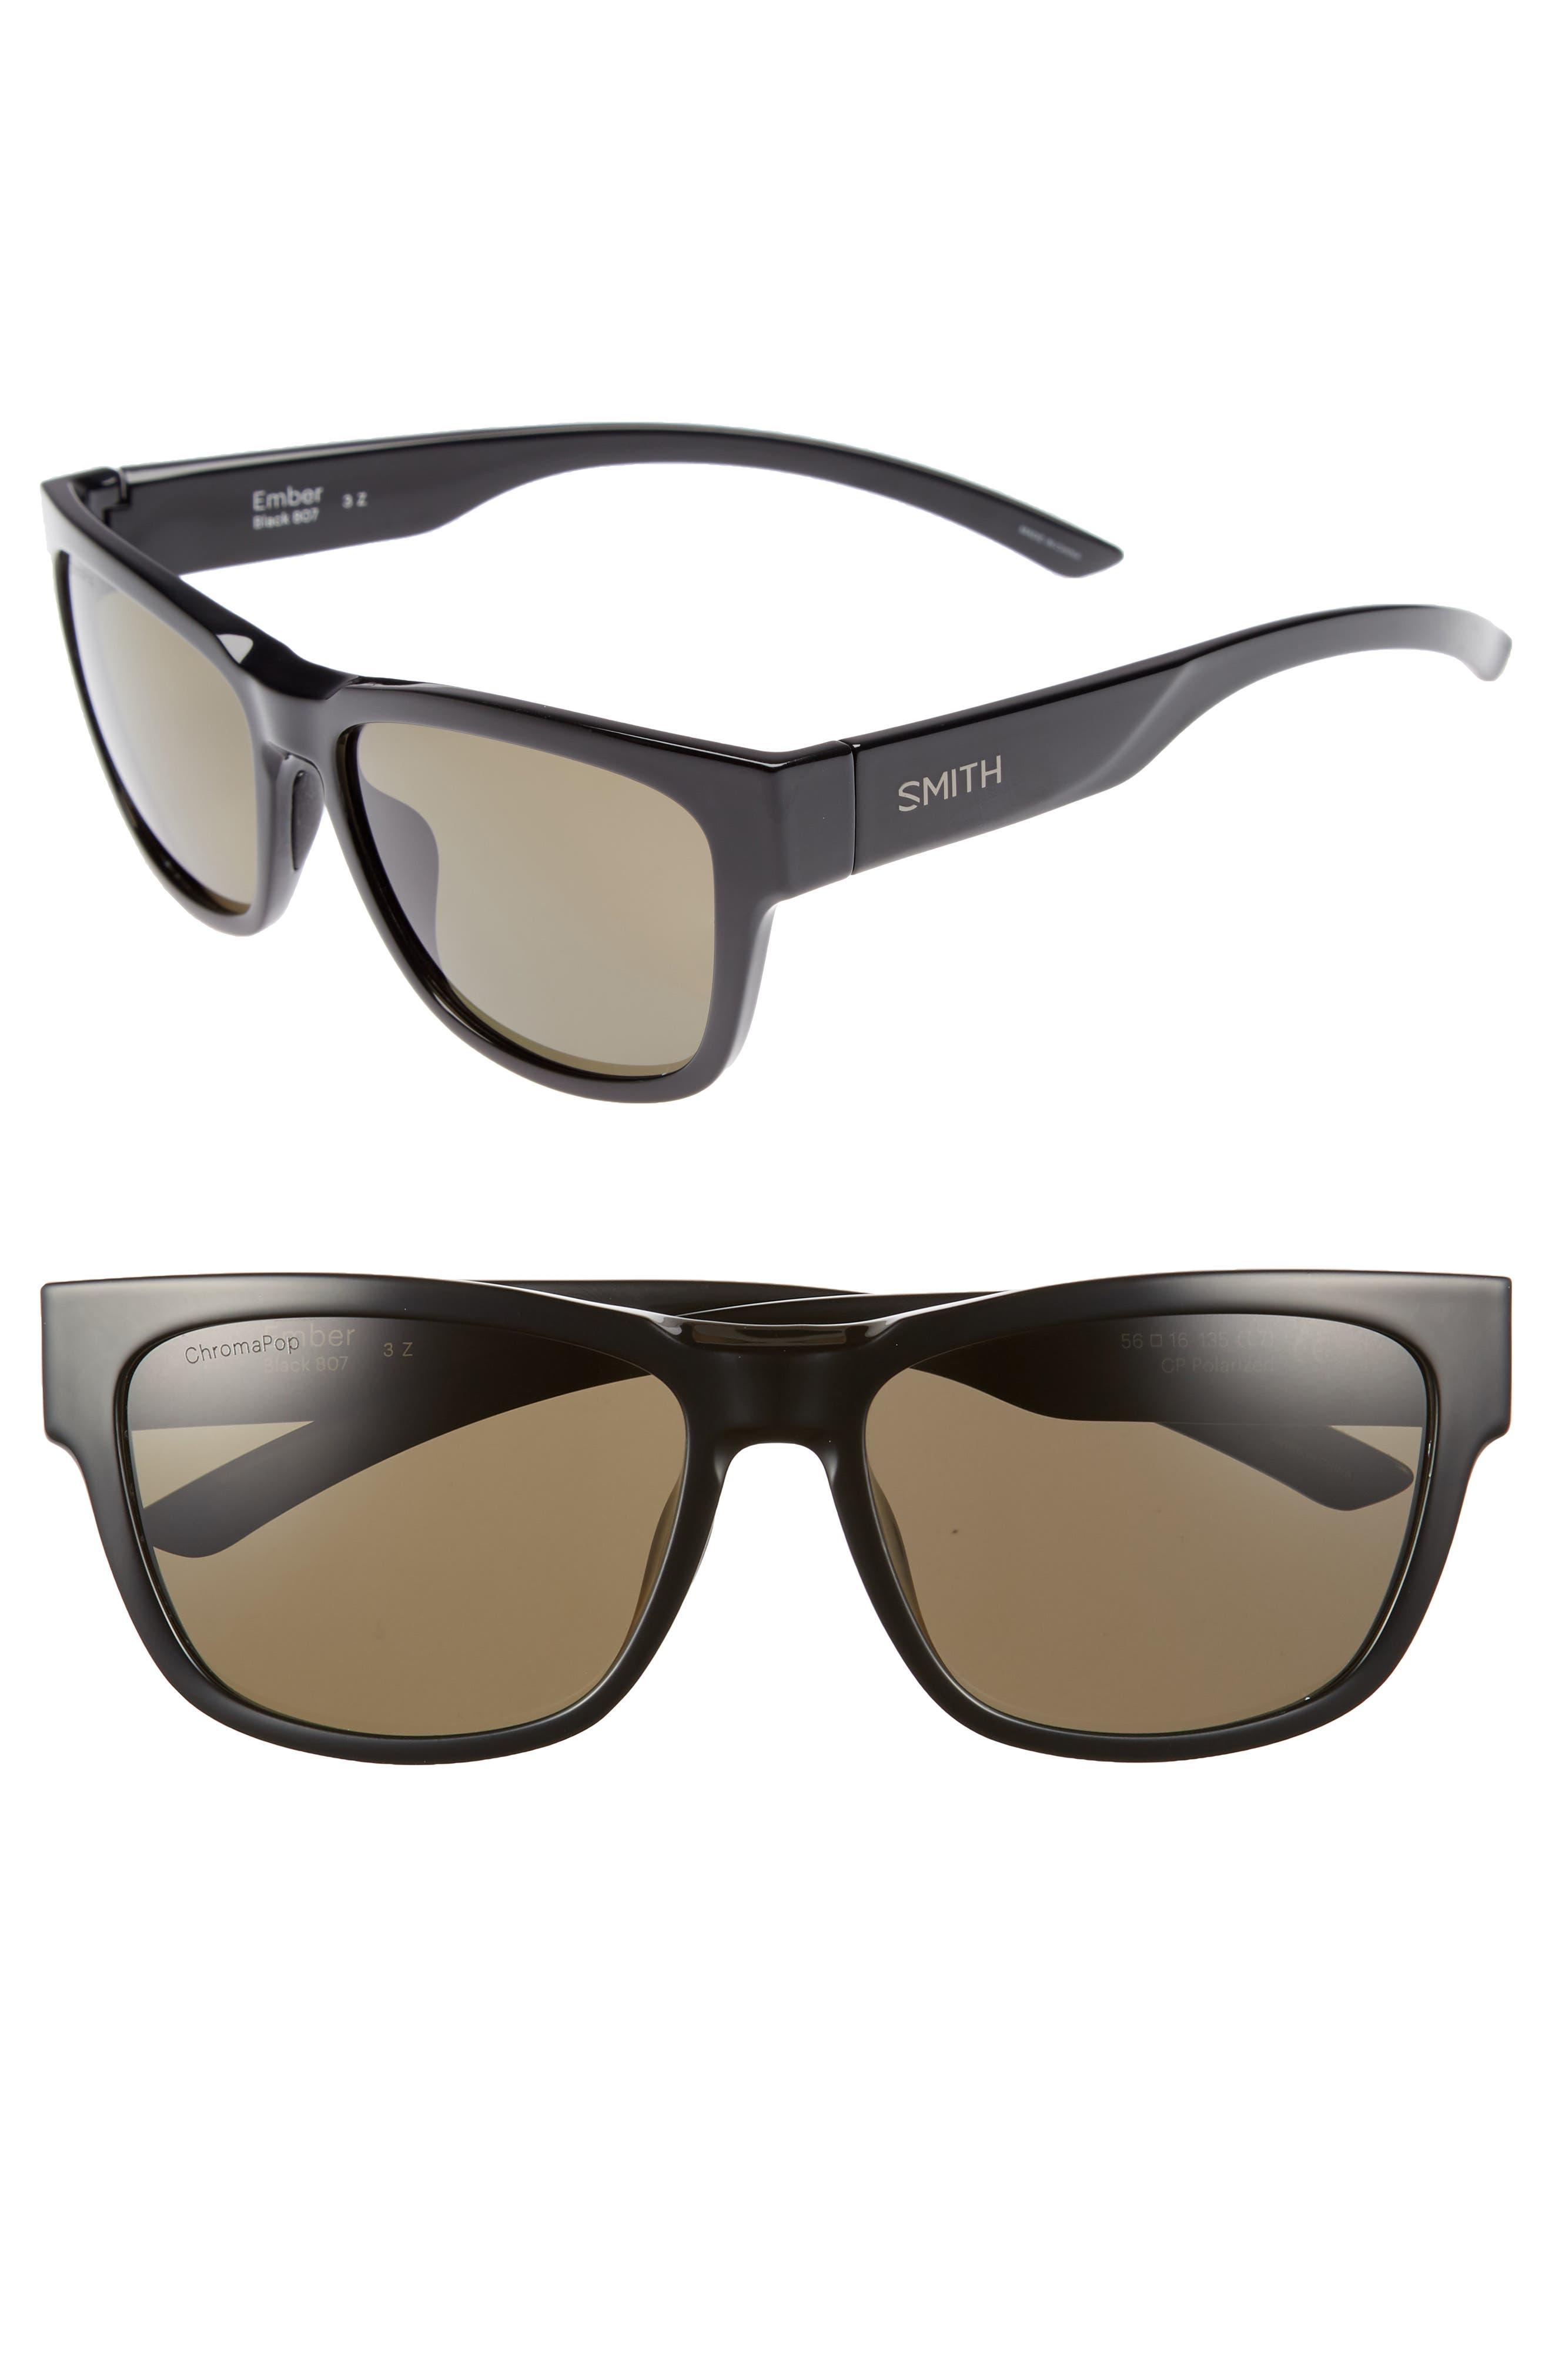 Smith Ember 56mm ChromaPop™ Square Sunglasses